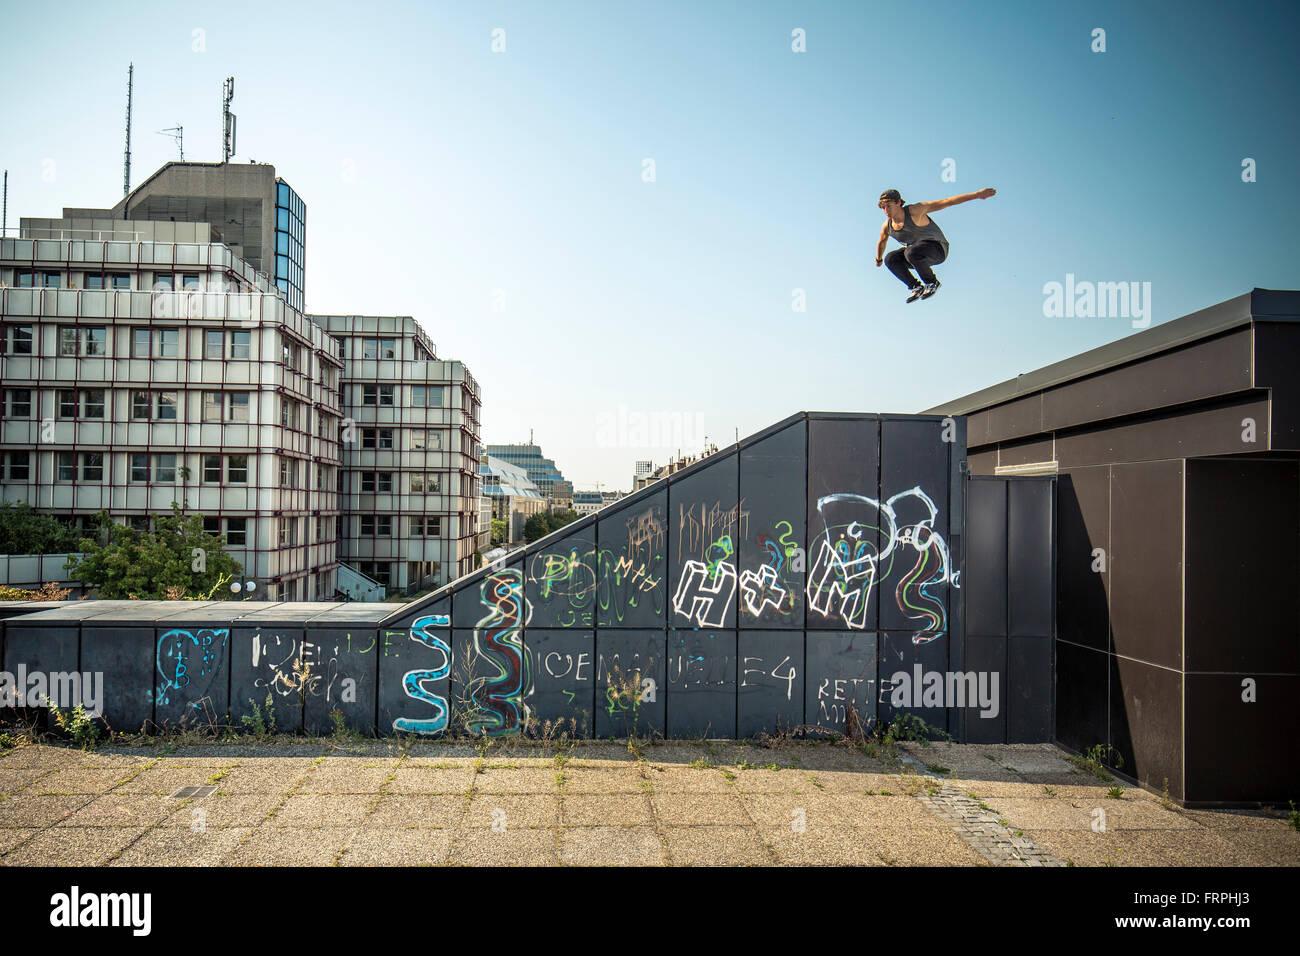 Freerunning urbano Imagen De Stock